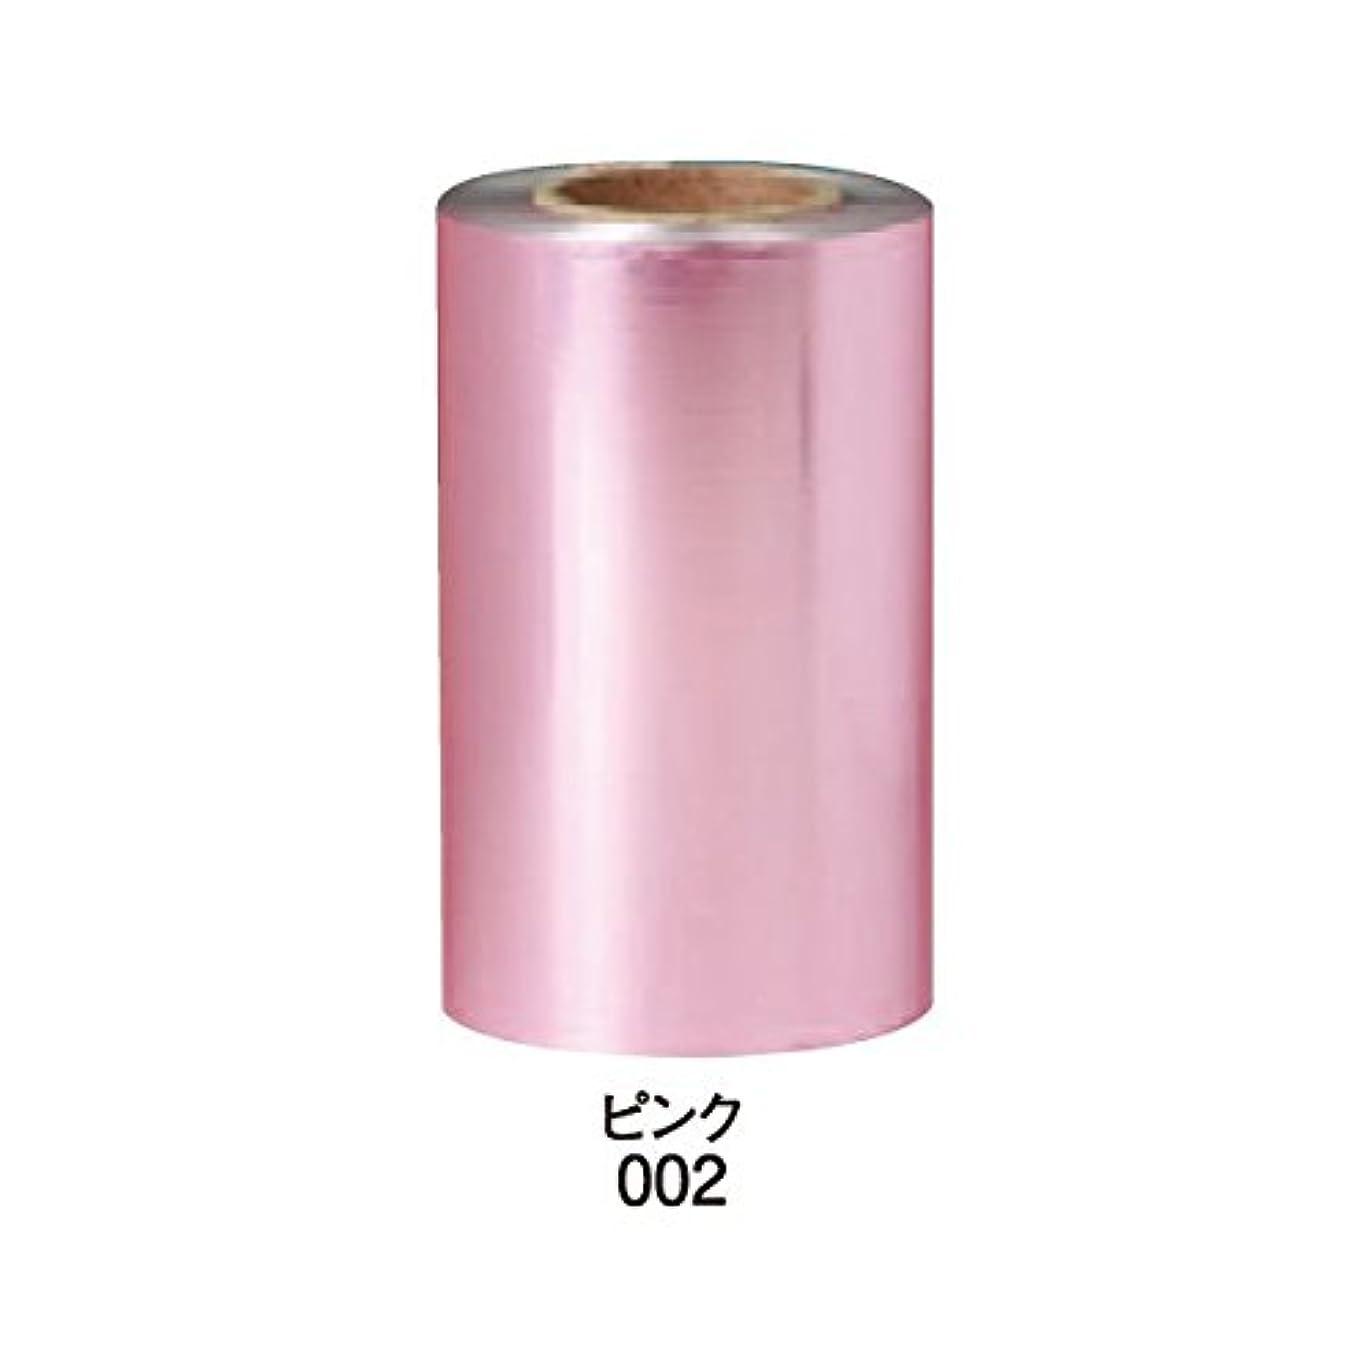 郵便屋さん枯れるである(ロータス)LOTUS カラーホイル 120mm×100m (業務用 (ピンク)